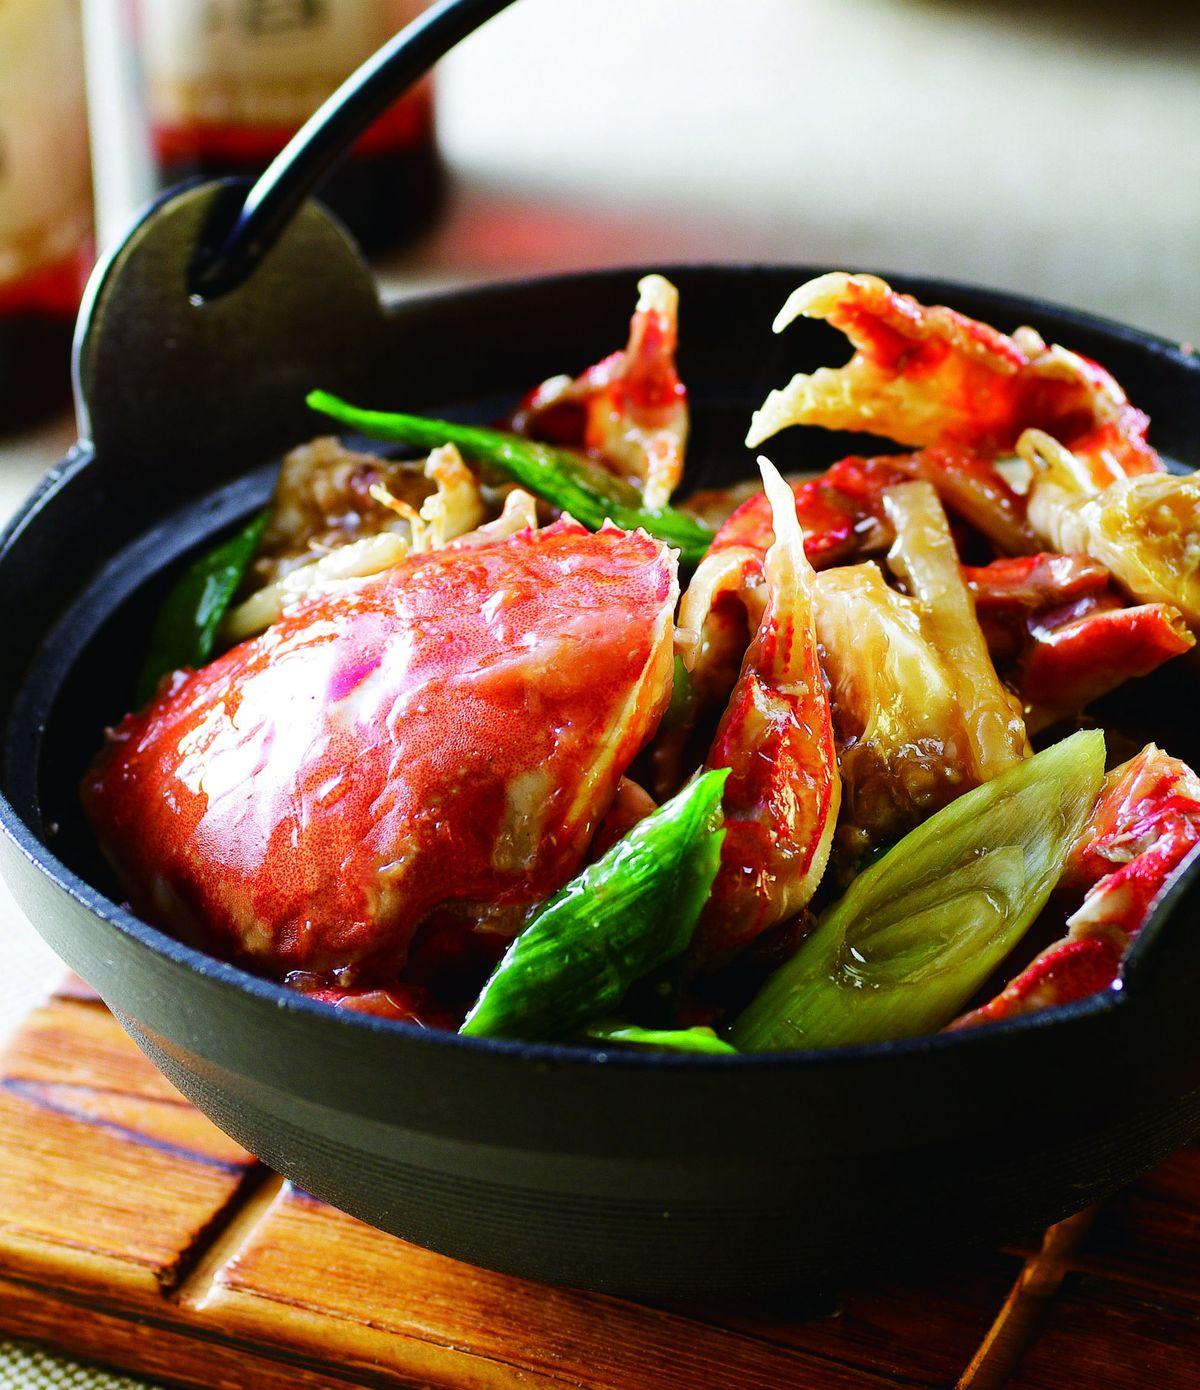 食譜:薑絲螃蟹